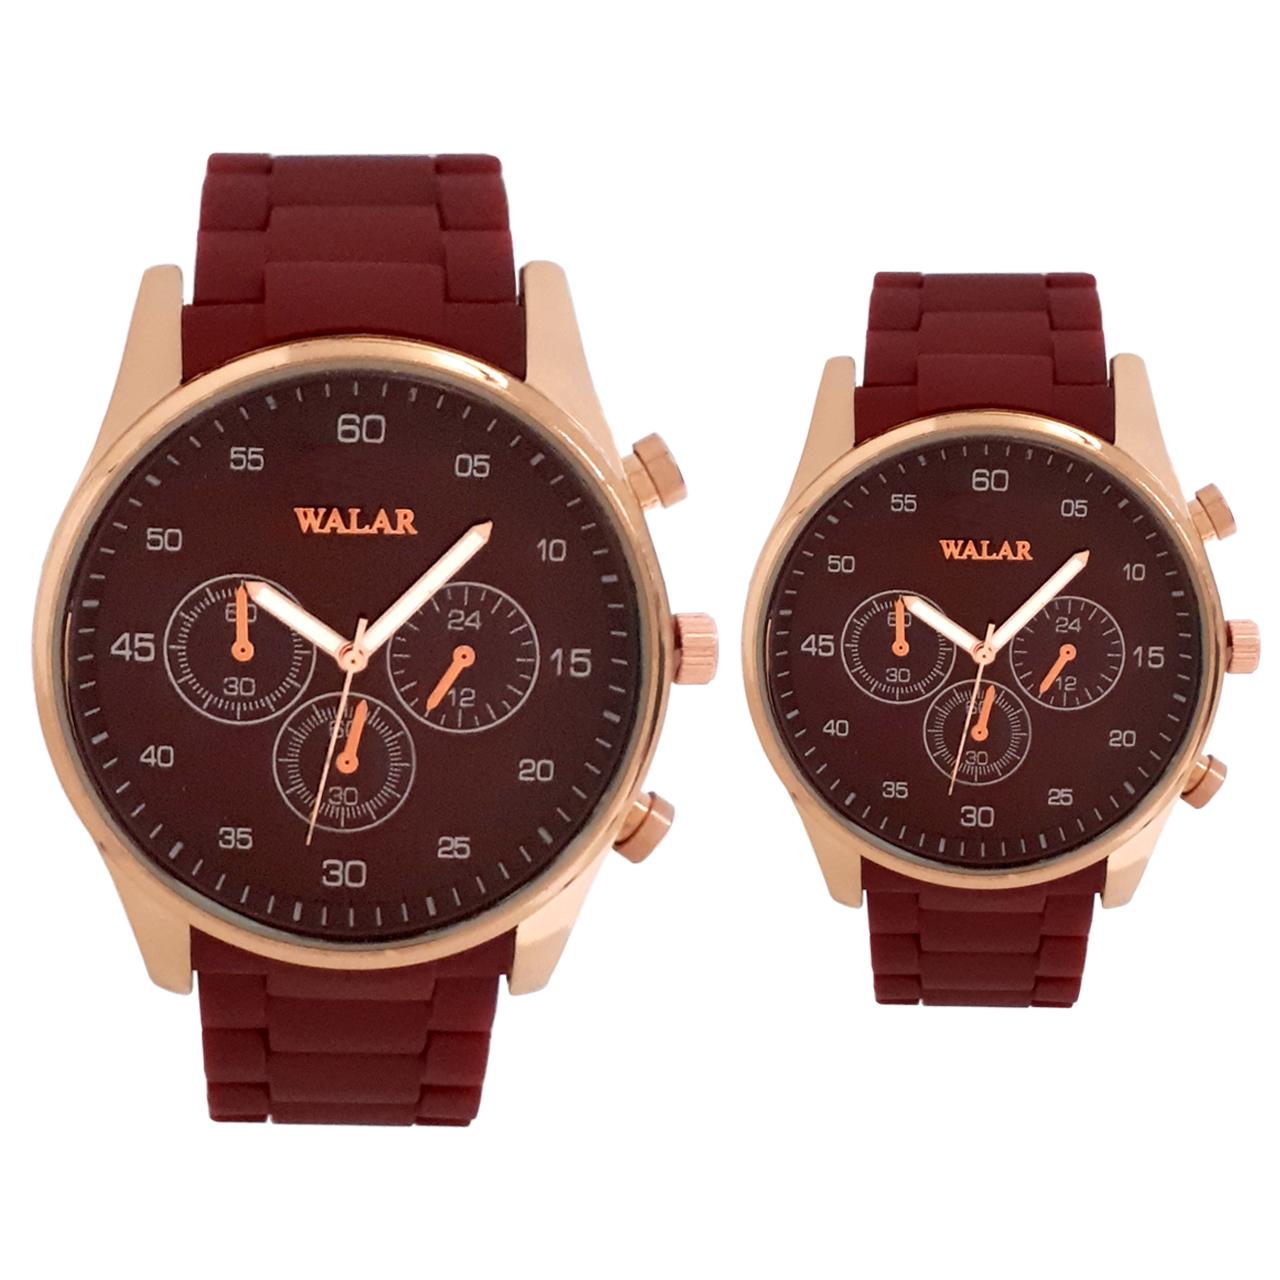 قیمت و خرید                      ست ساعت مچی عقربه ای زنانه و مردانه والار مدل WG02101